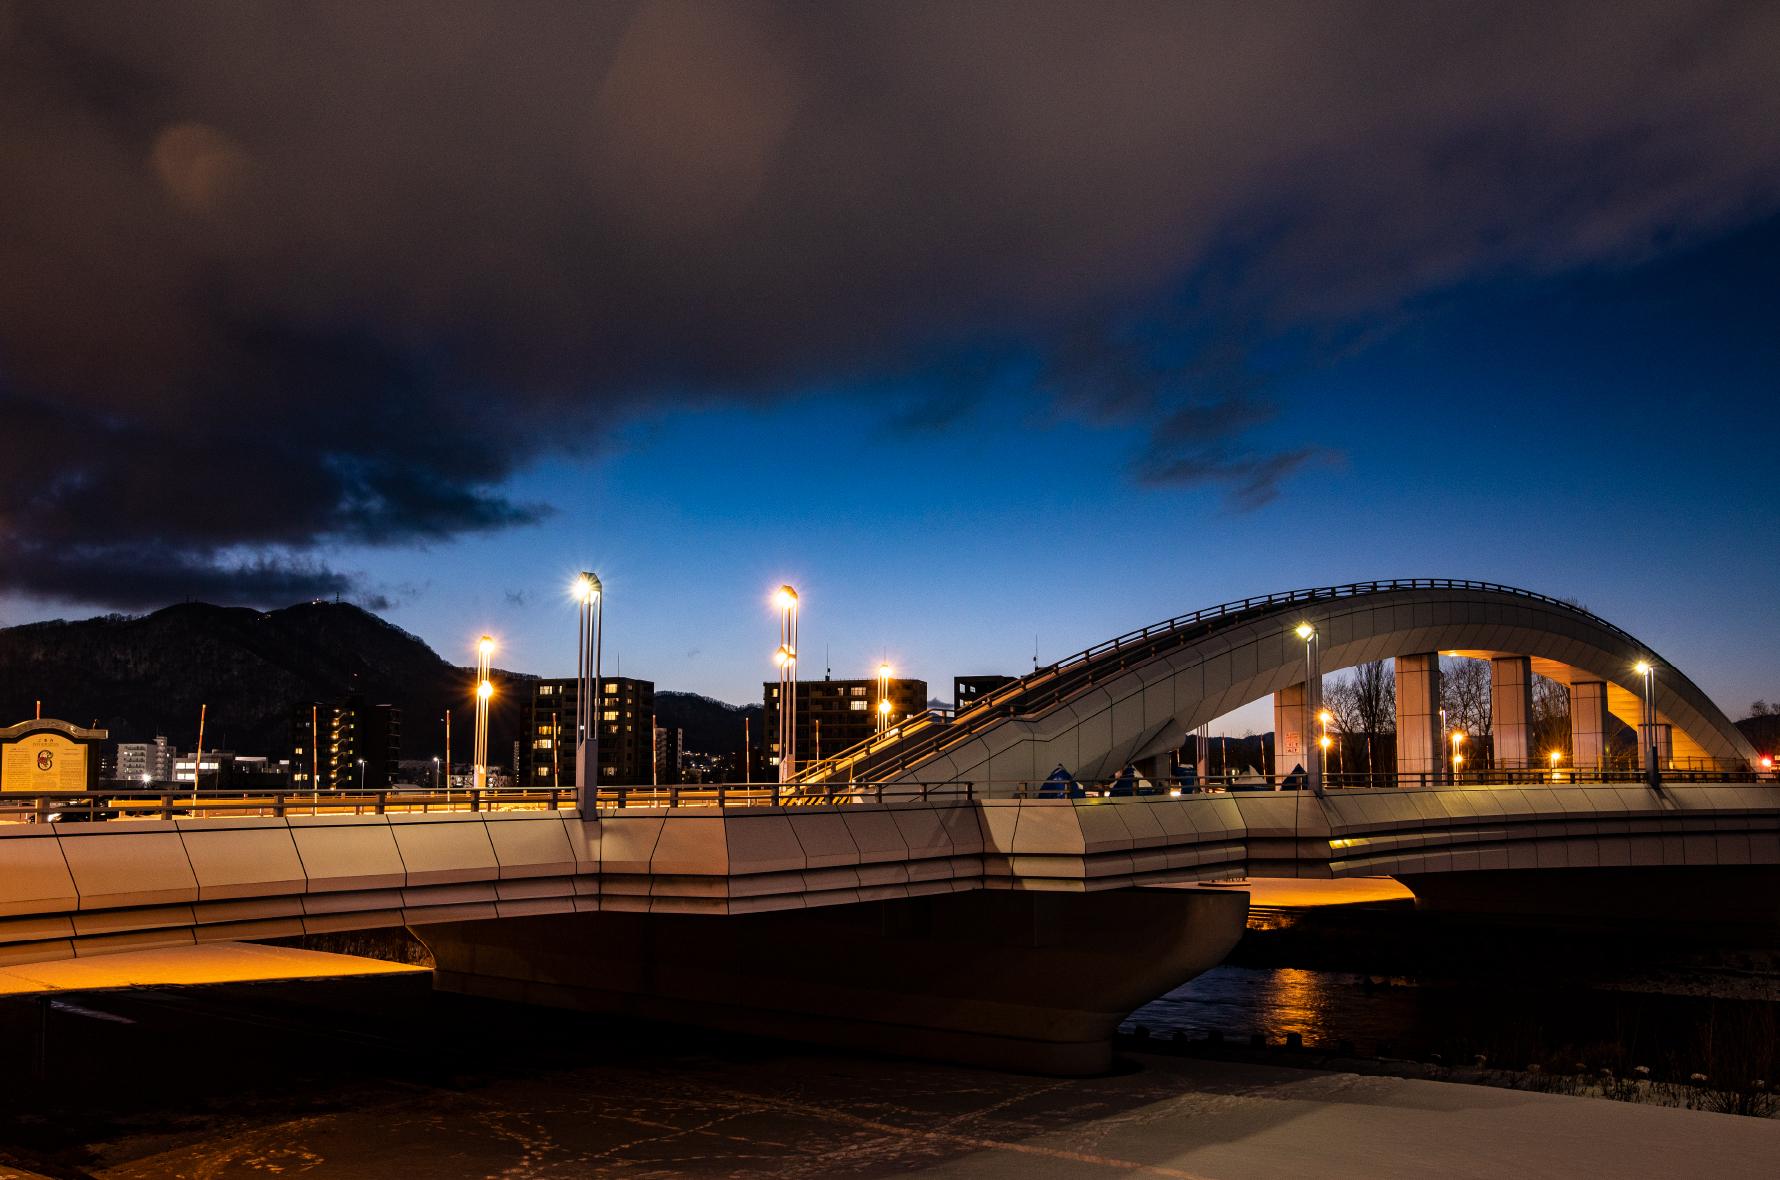 幌平橋と藻岩山のブルームーン